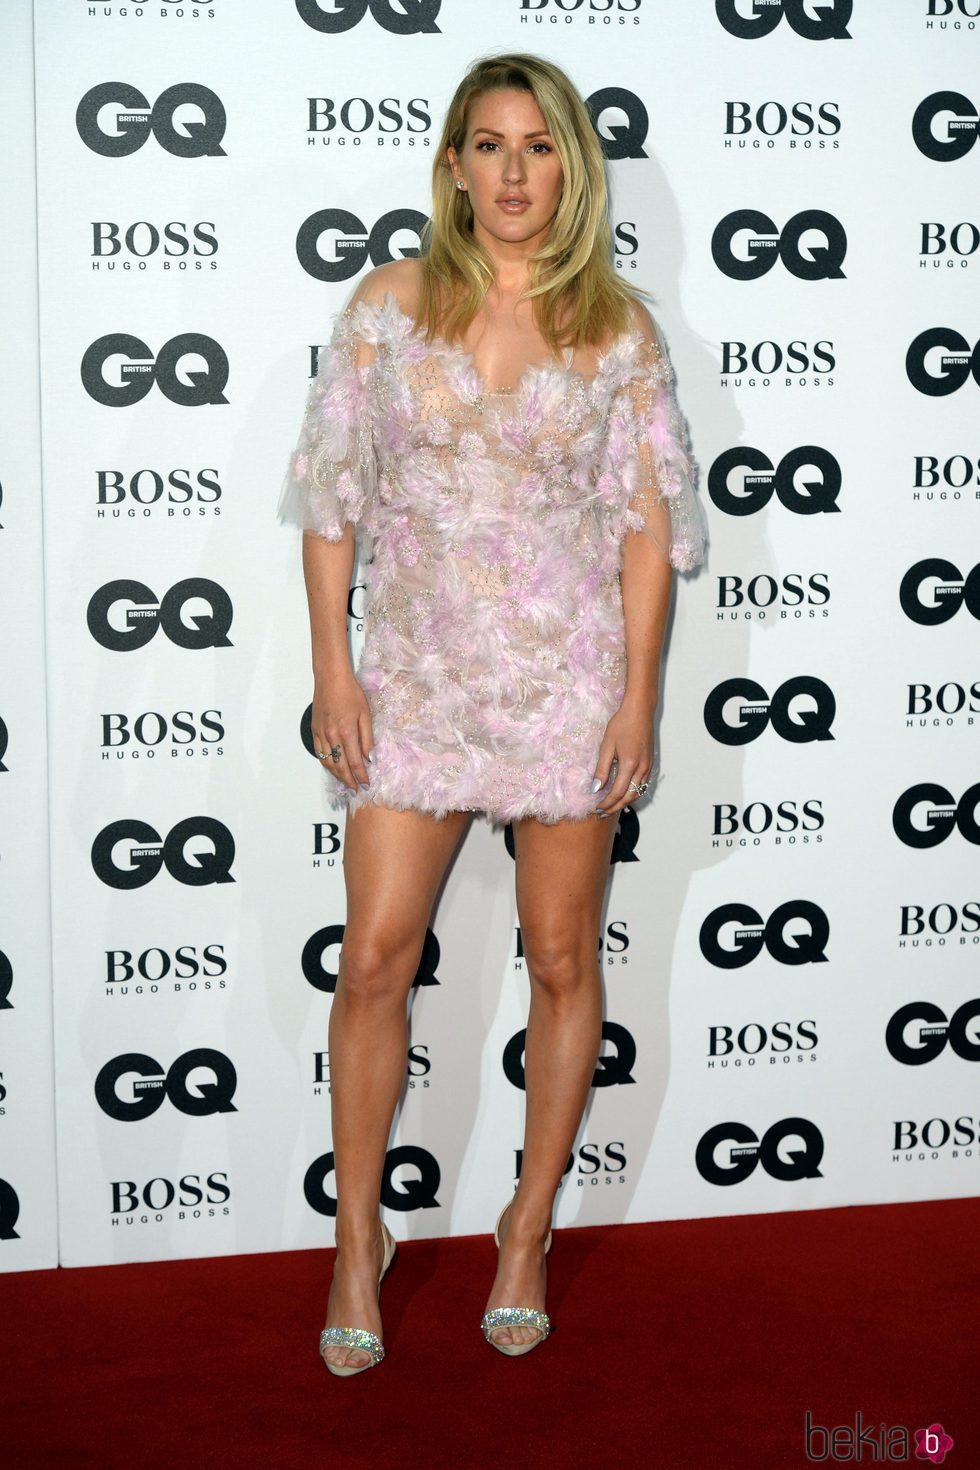 Ellie Goulding en los Premios GQ 2016 en Londres